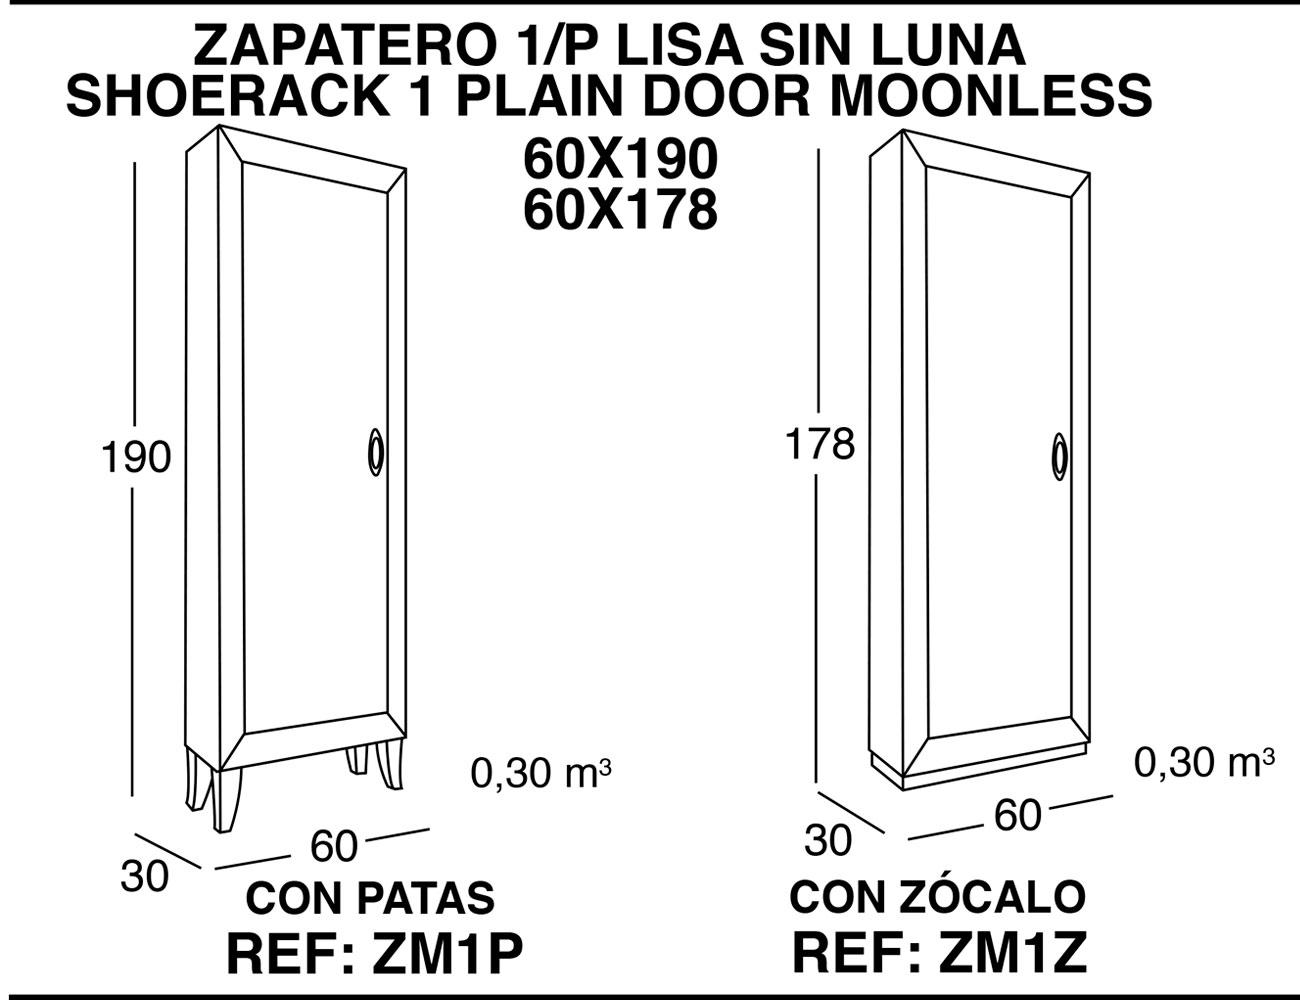 Zapatero 1p lisa sin luna1